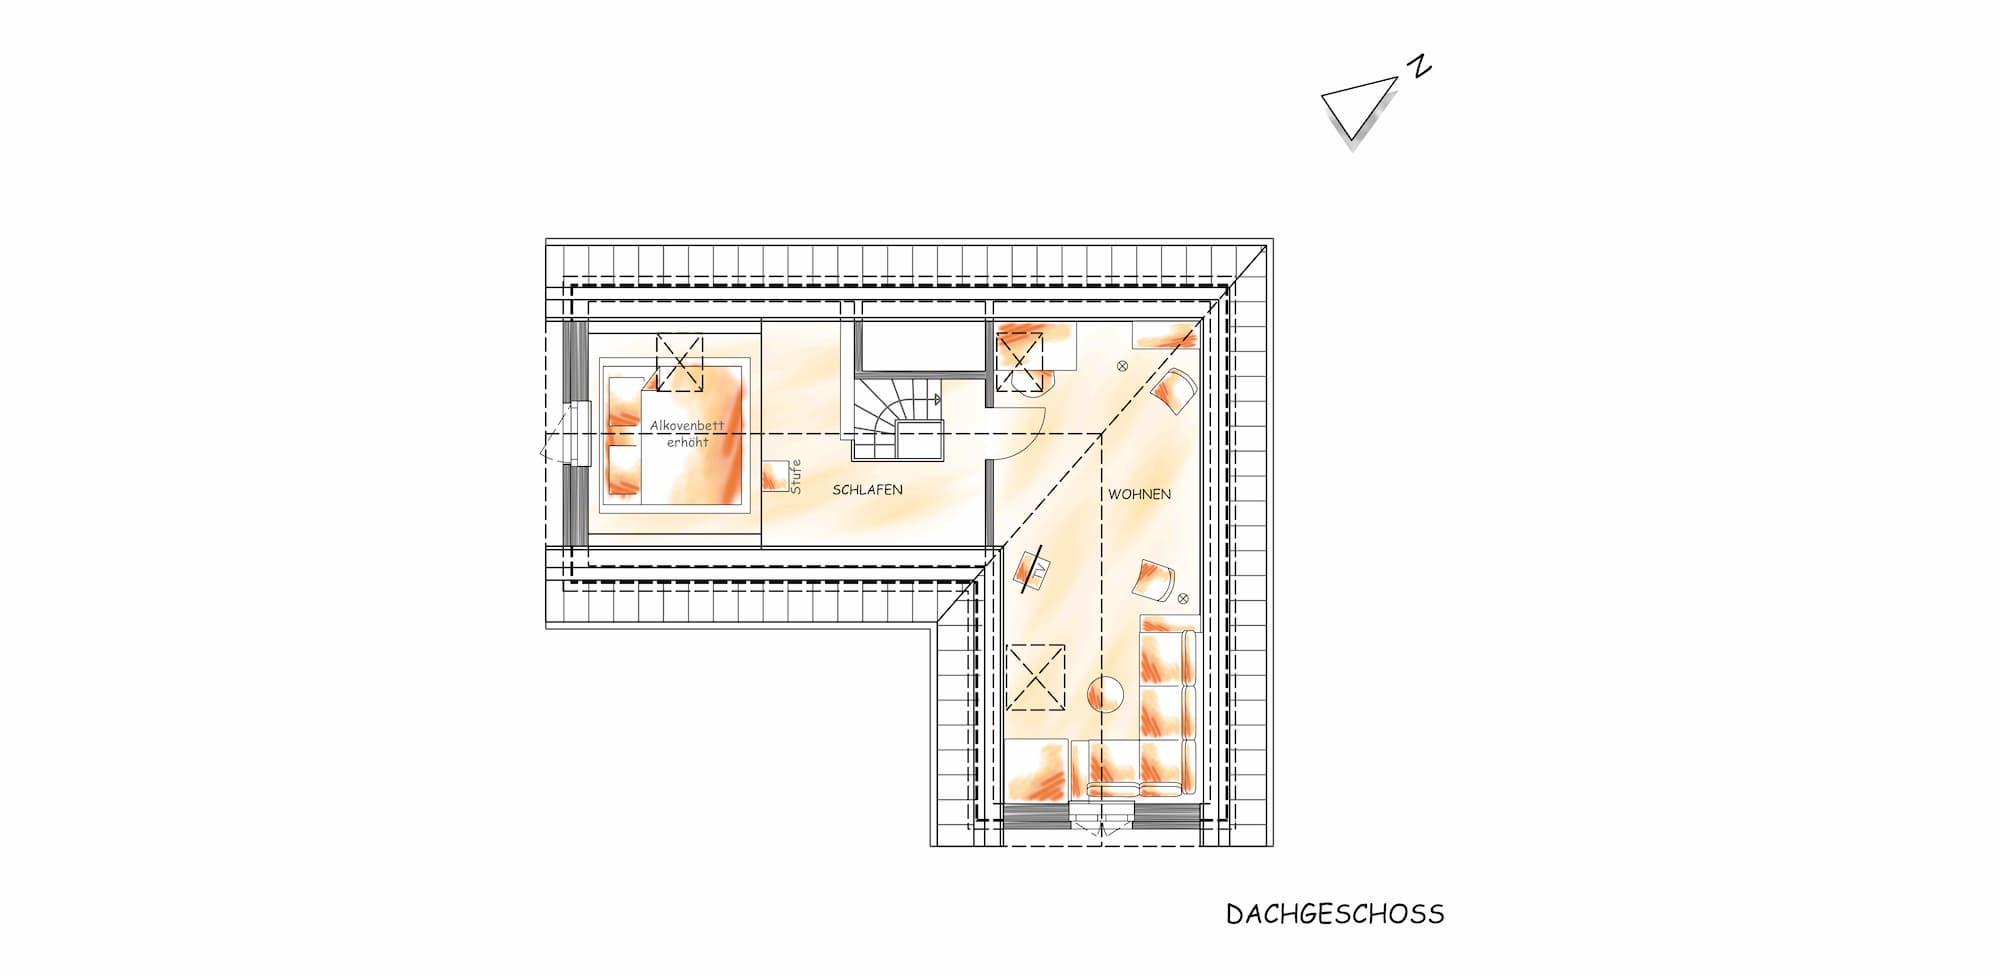 Querschnitt des Obergeschosses